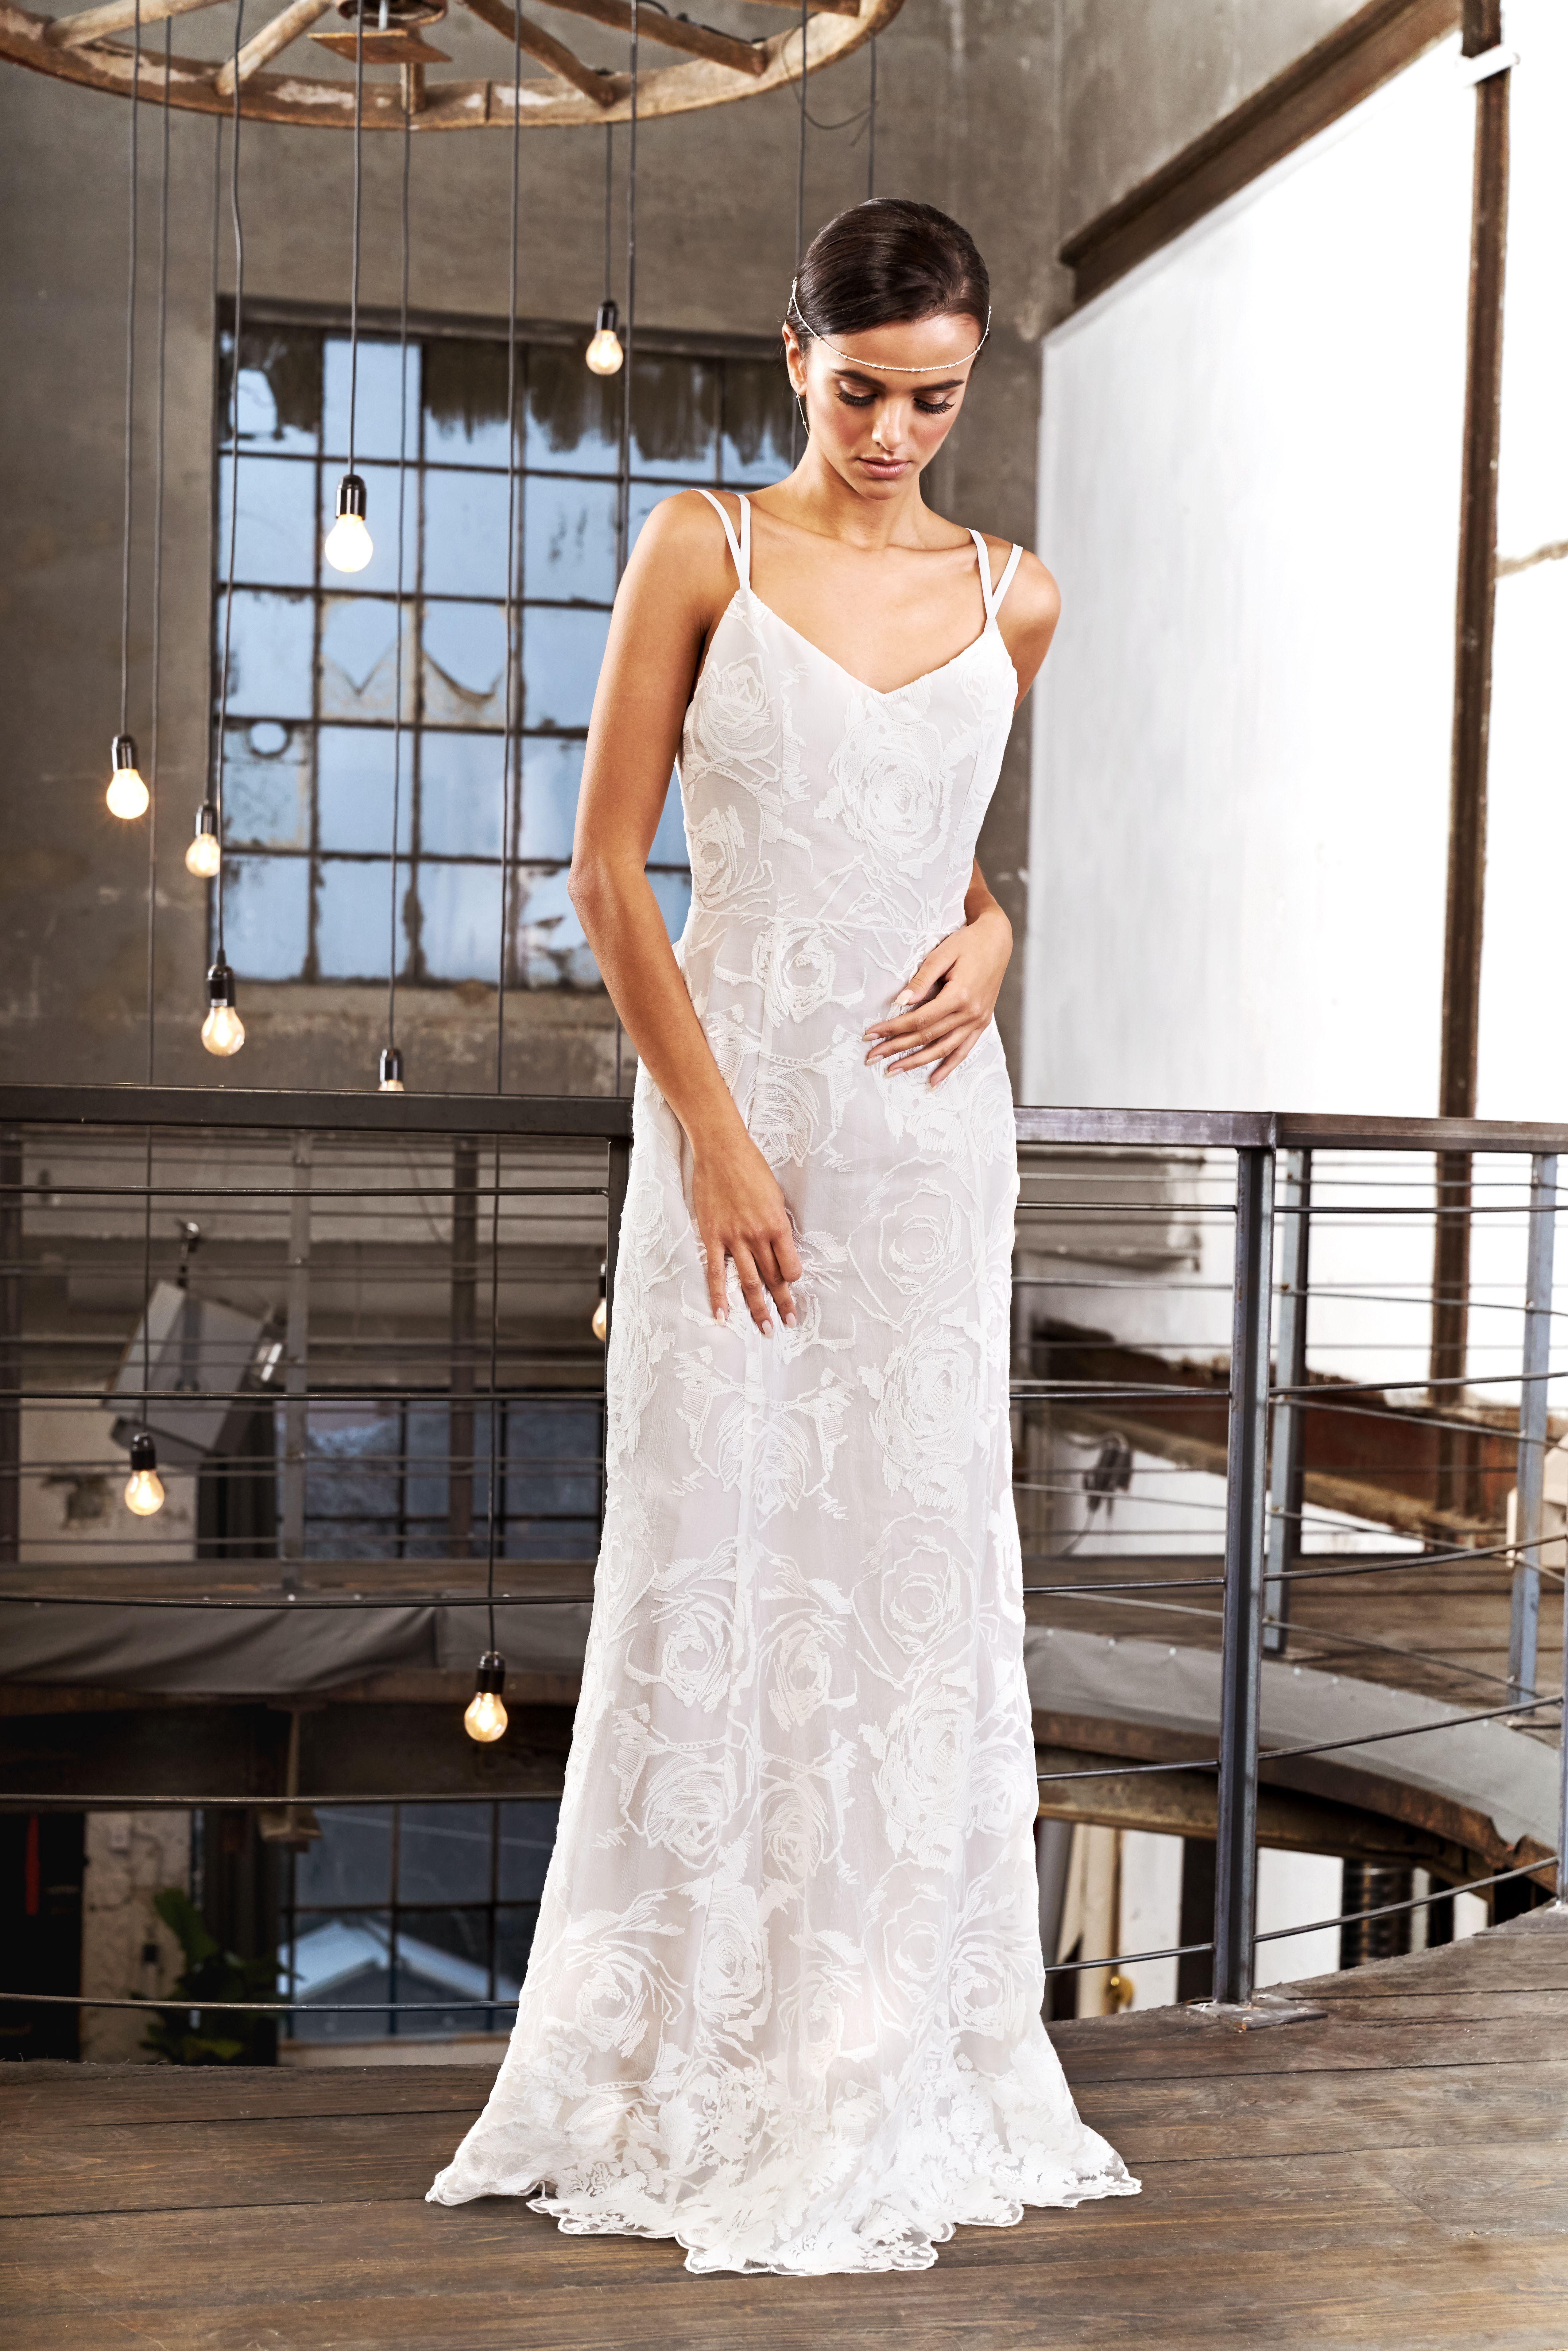 modernes Brautkleid aus bestickter Seide, Blush, Nude ...